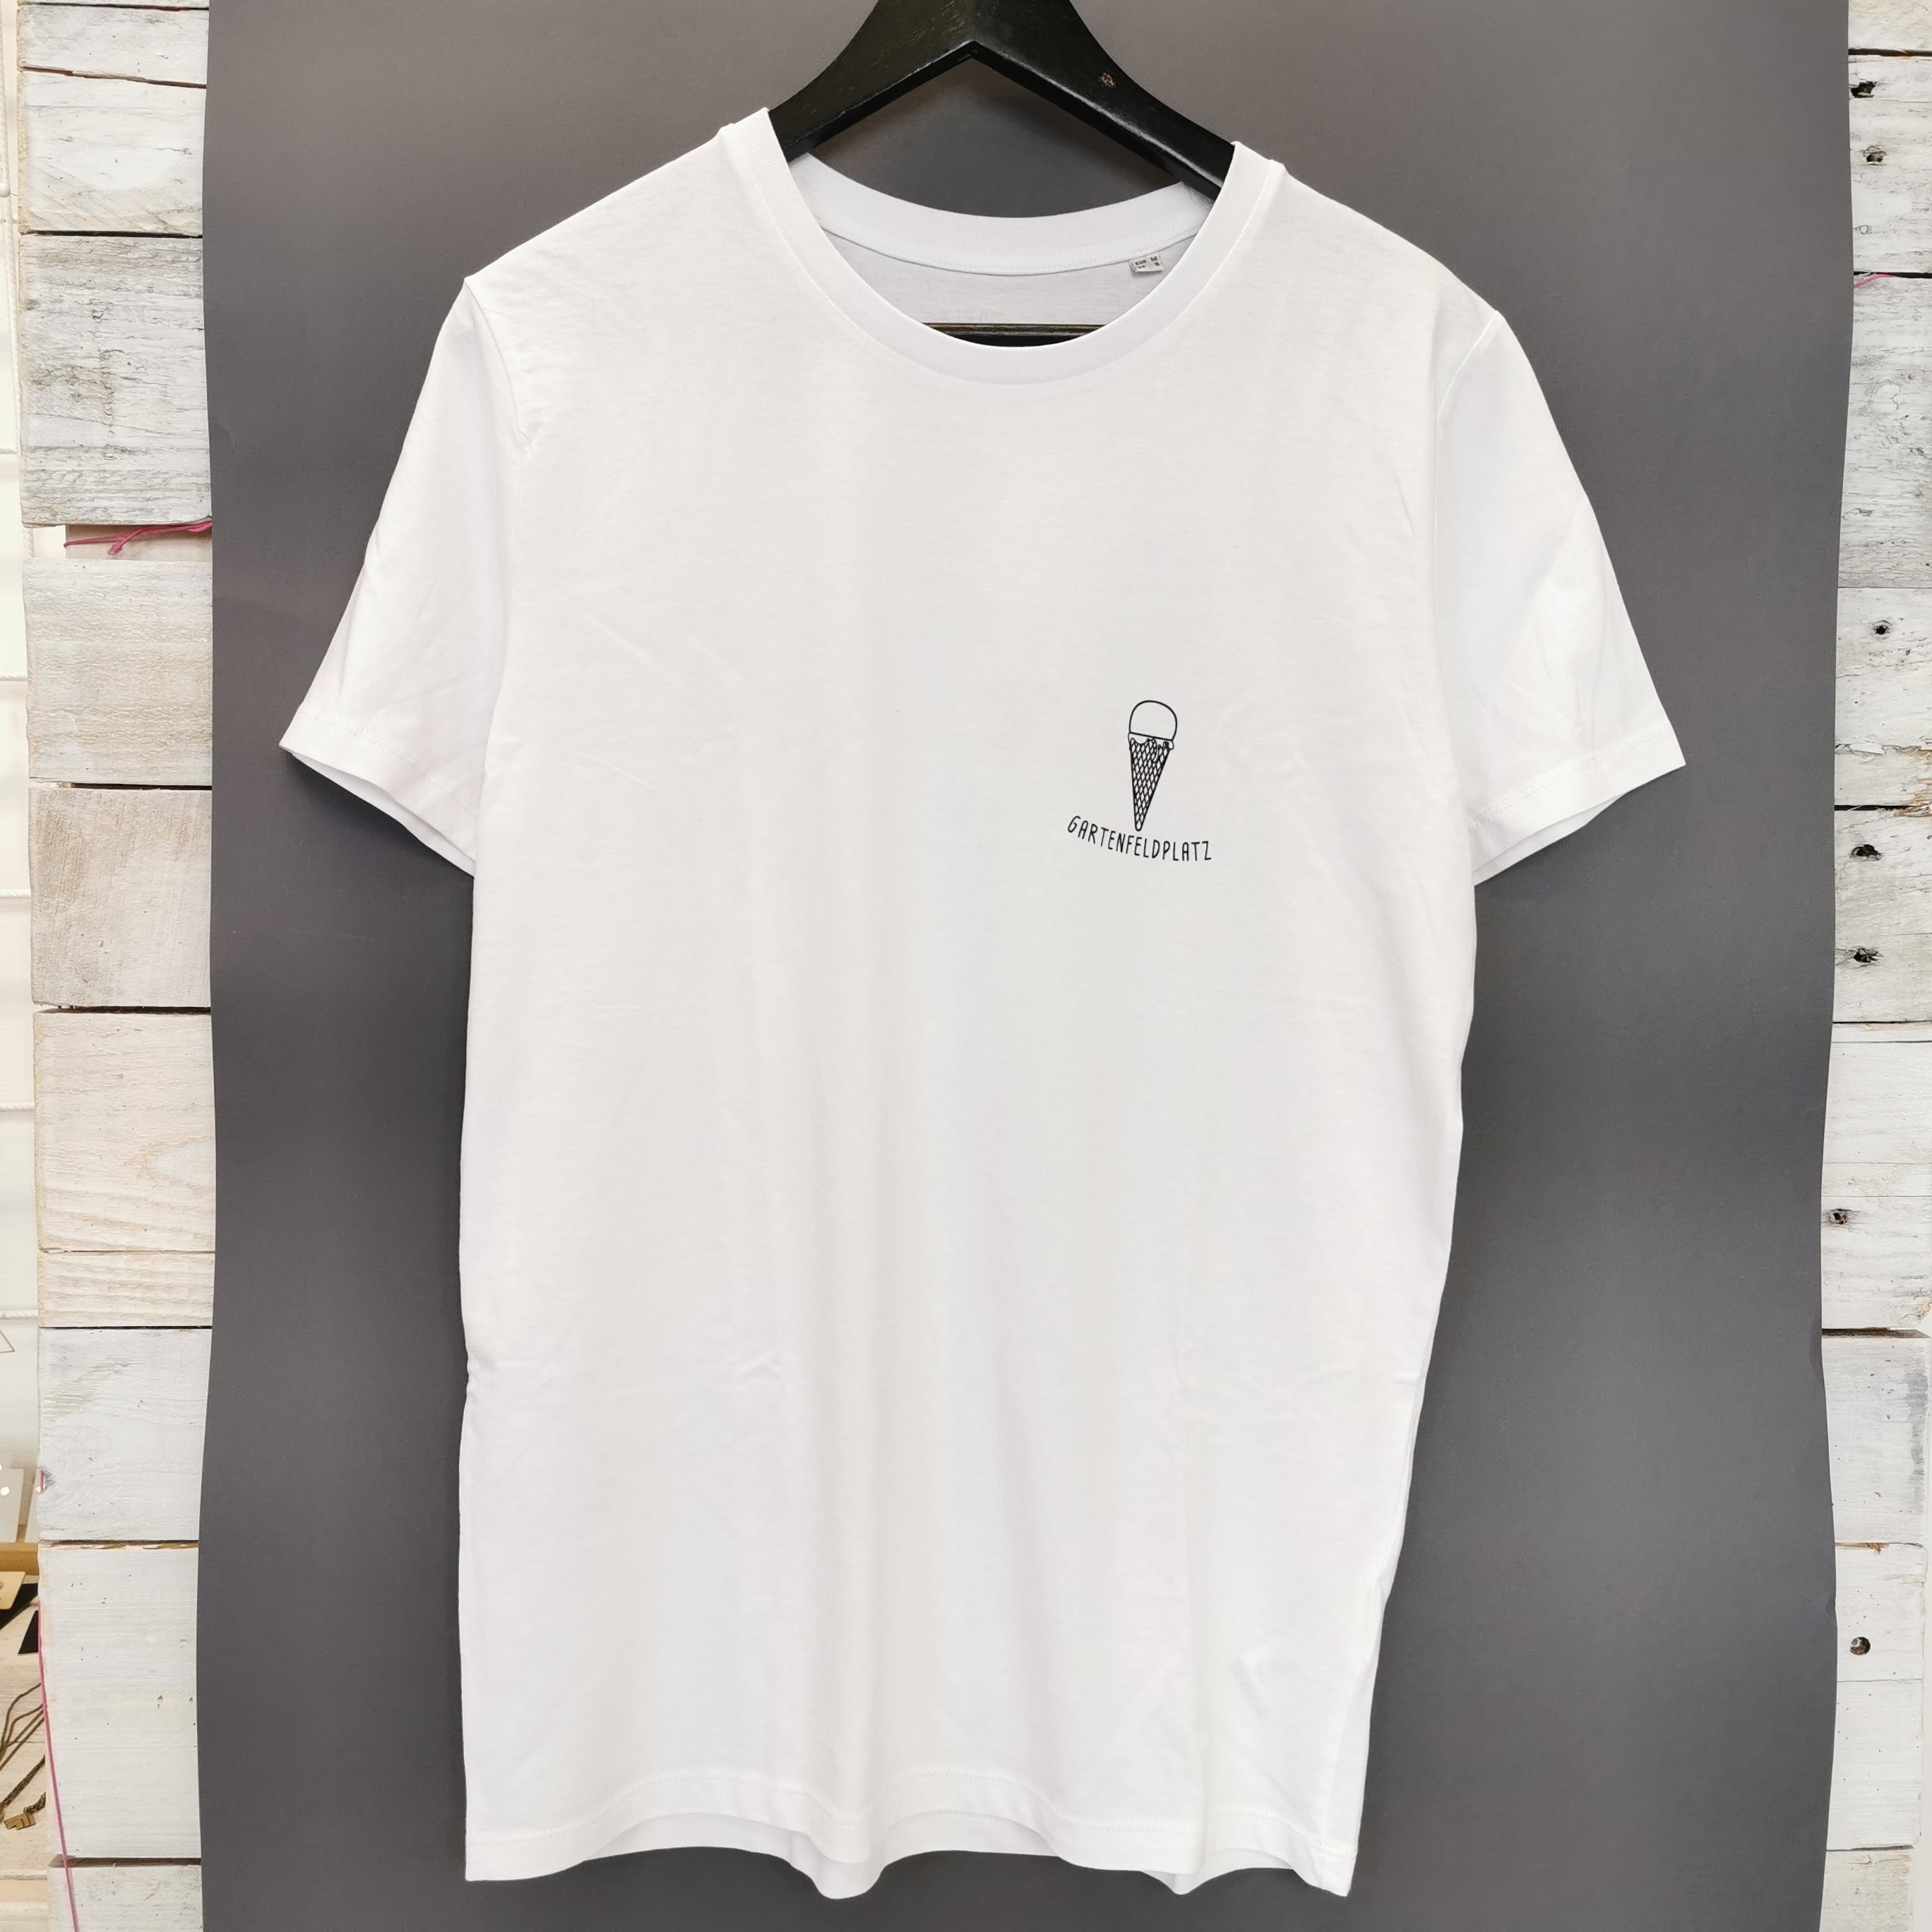 Gartenfeldplatz Shirt von Charles